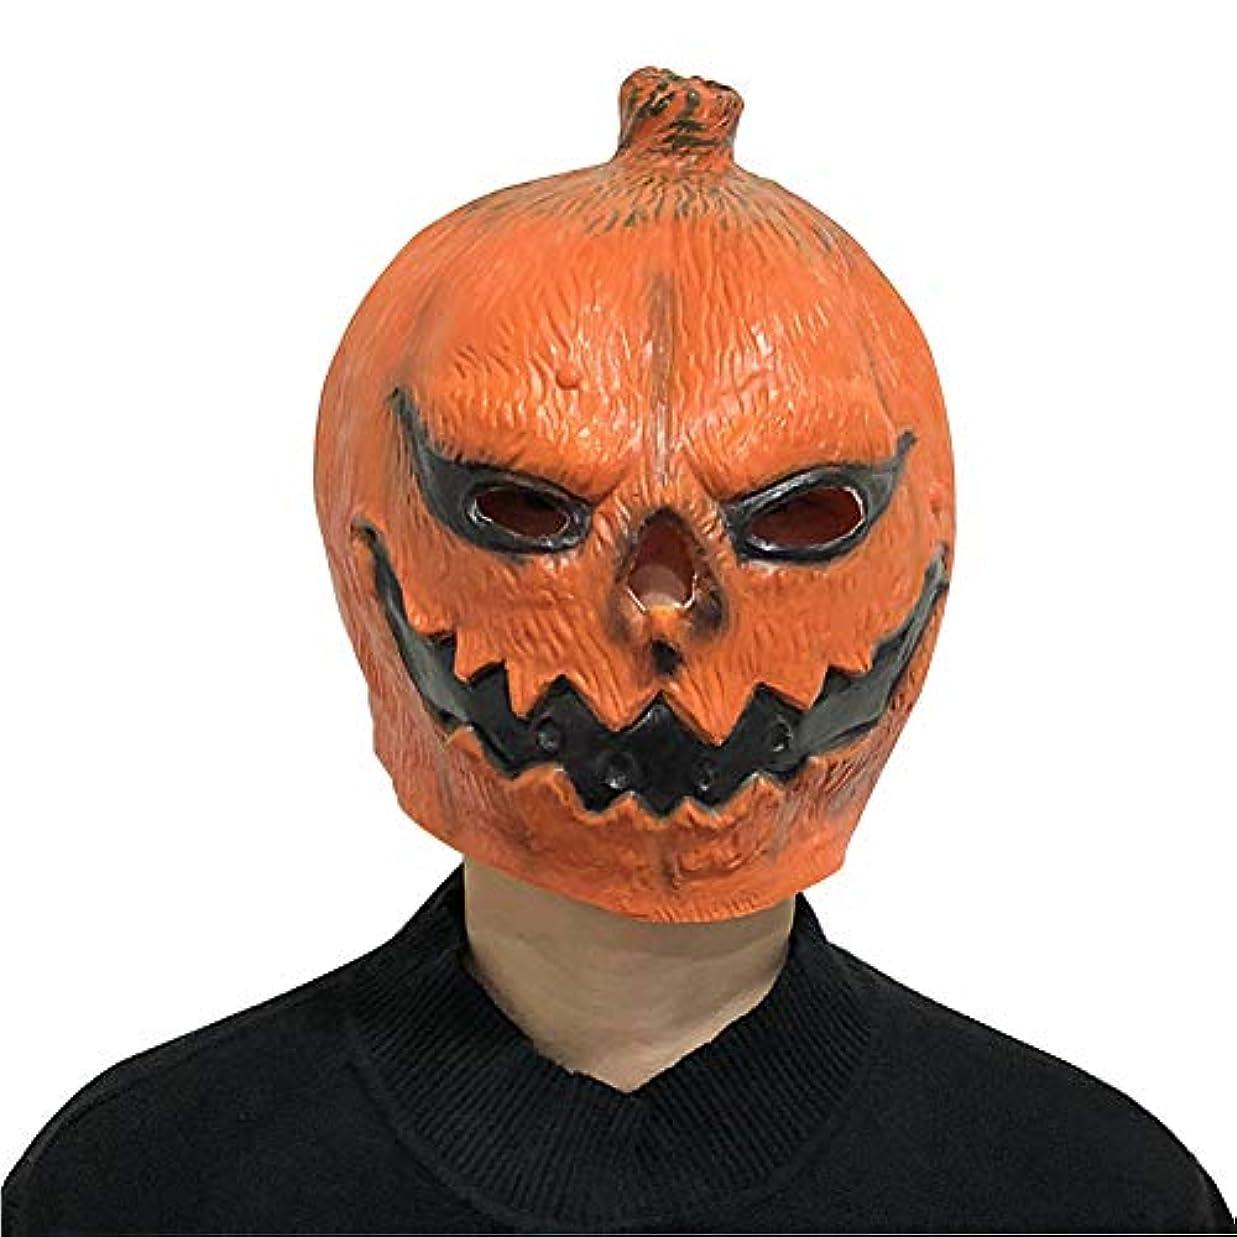 ずらす恐ろしいありがたいテーマパーティー、コスチュームボール、カーニバル、ハロウィーン、レイブパーティー、仮面舞踏会などに適したハロウィーンマスク、カボチャラテックスマスク